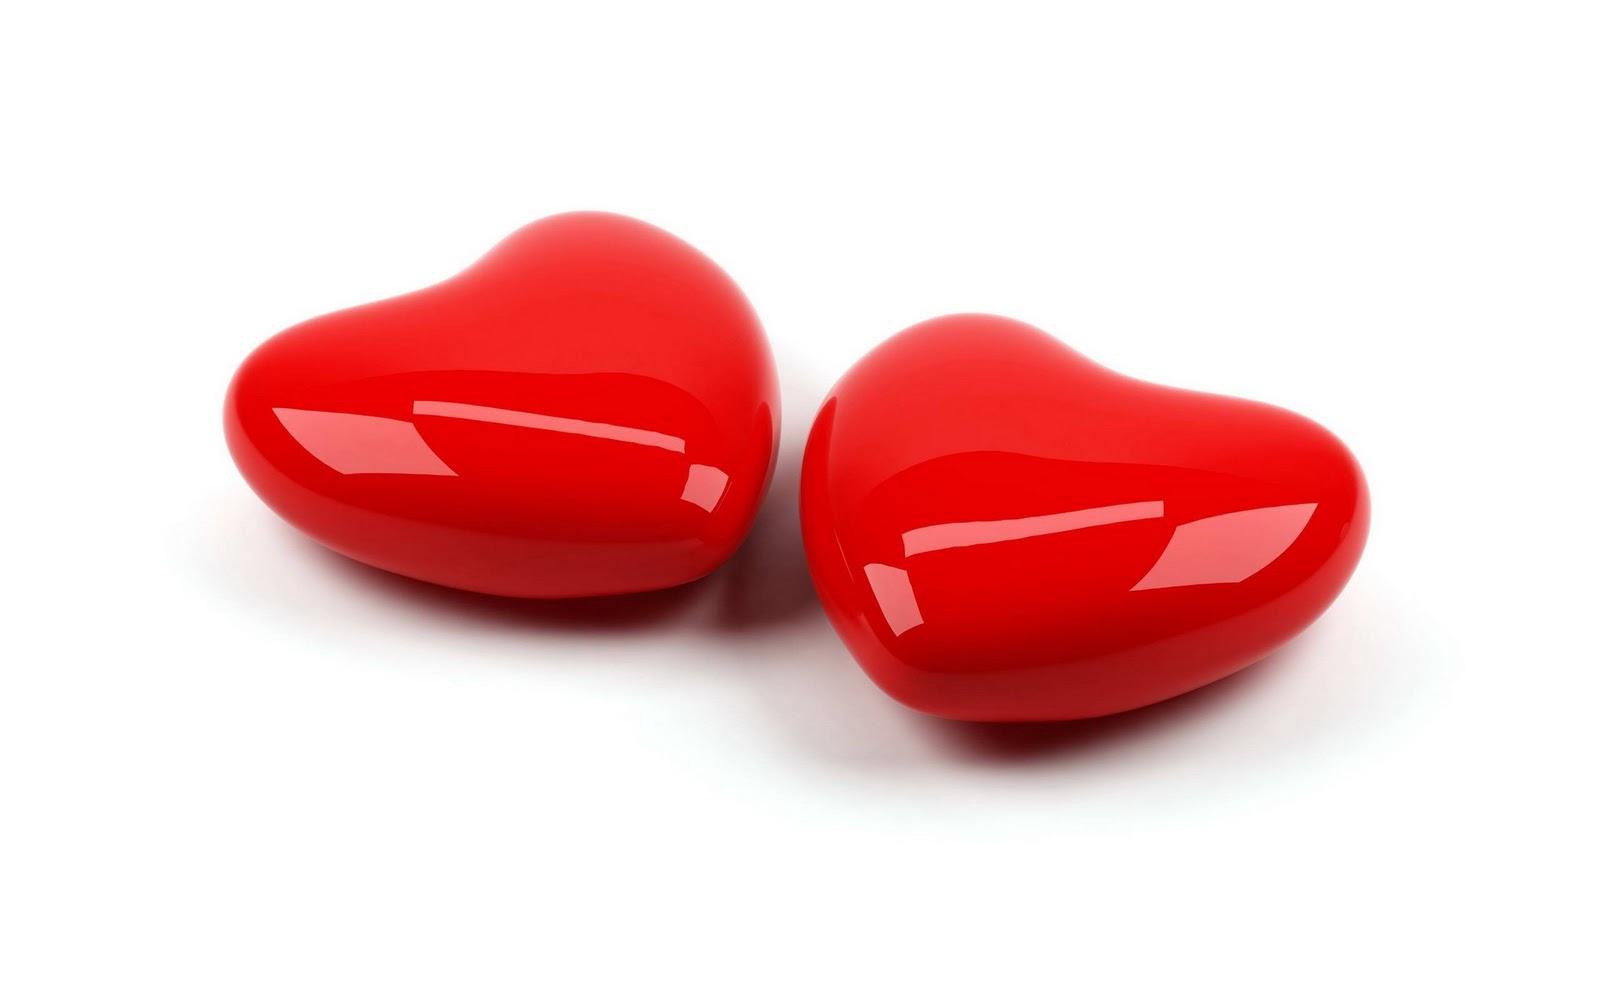 http://4.bp.blogspot.com/-qNoBe6xbIcE/UFDJkLeHPwI/AAAAAAAAAMc/4Bb4BPYX1c8/s1600/3d-heart-wallpaper.jpg